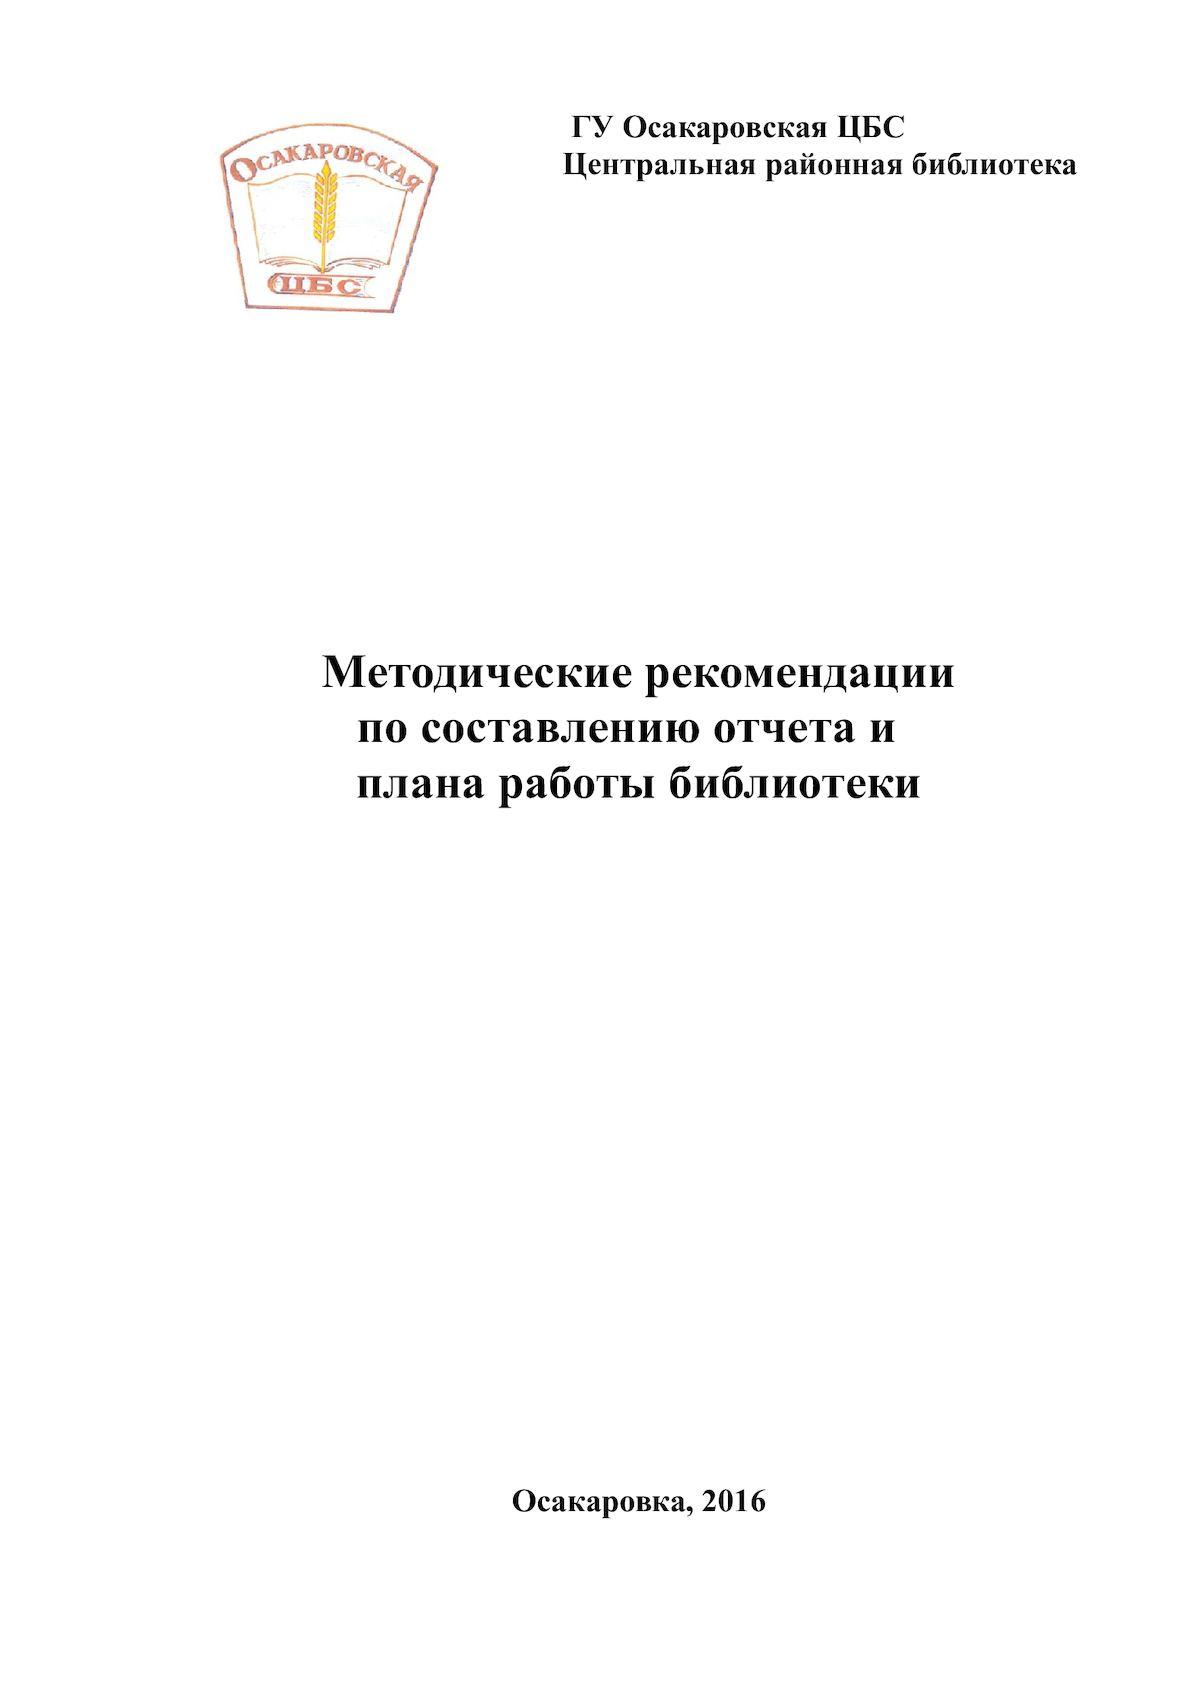 Методические рекомендации по составлению годового отчета и плана работы библиотеки